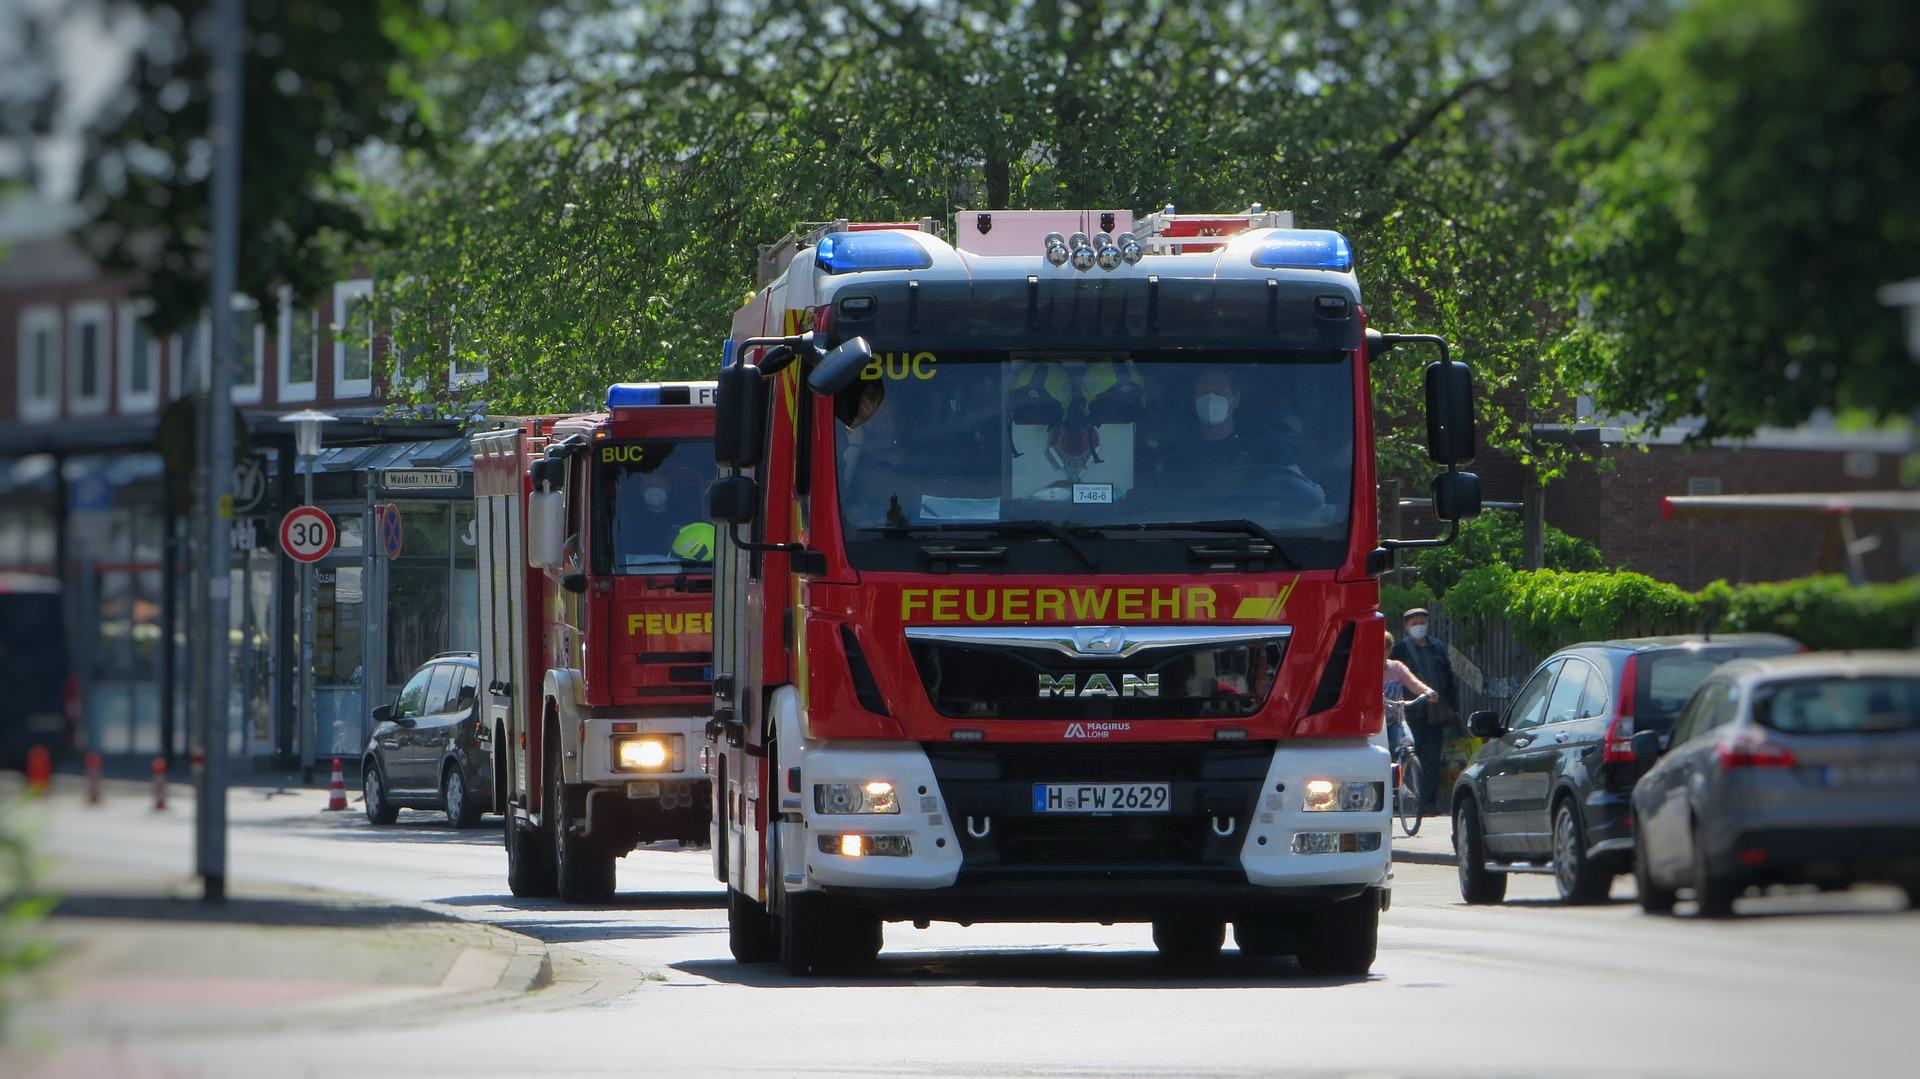 Feuerwehr bei Rauchmlederauslösung